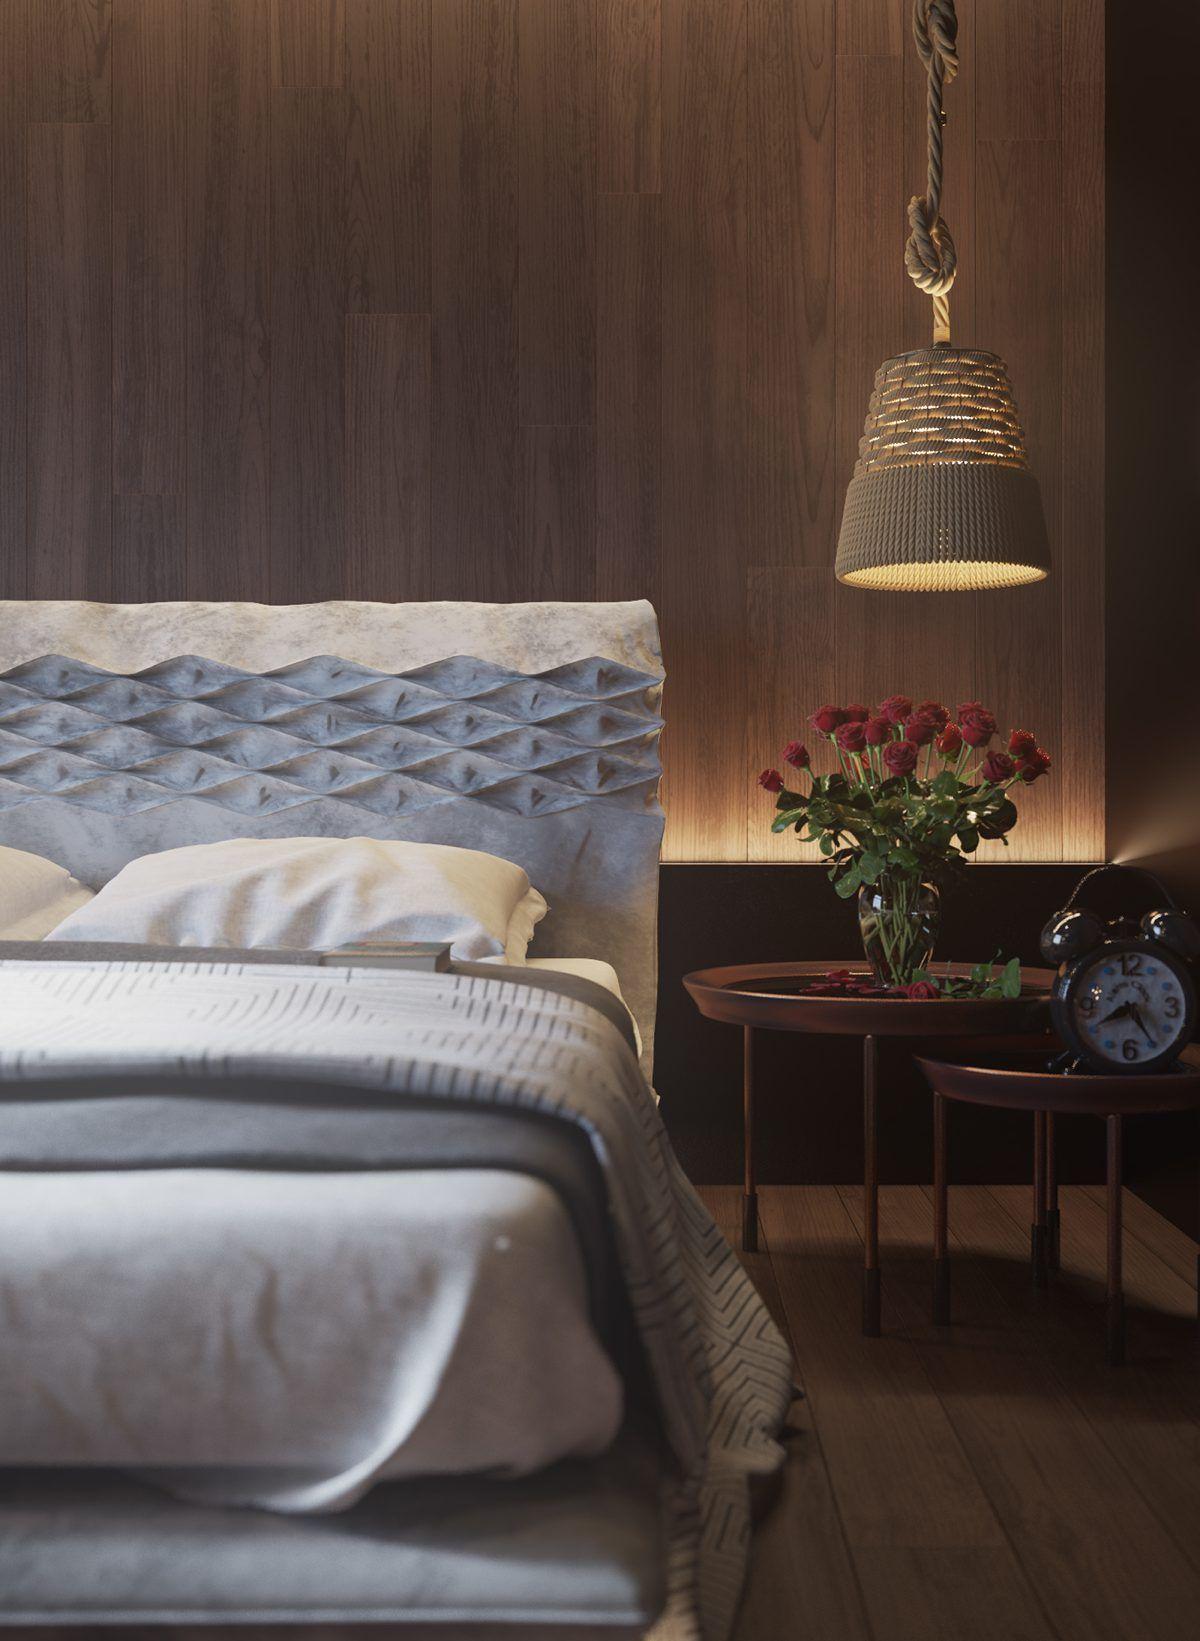 Innenarchitektur von schlafzimmermöbeln pin von dare by amfurniture auf luxury home interiors  pinterest